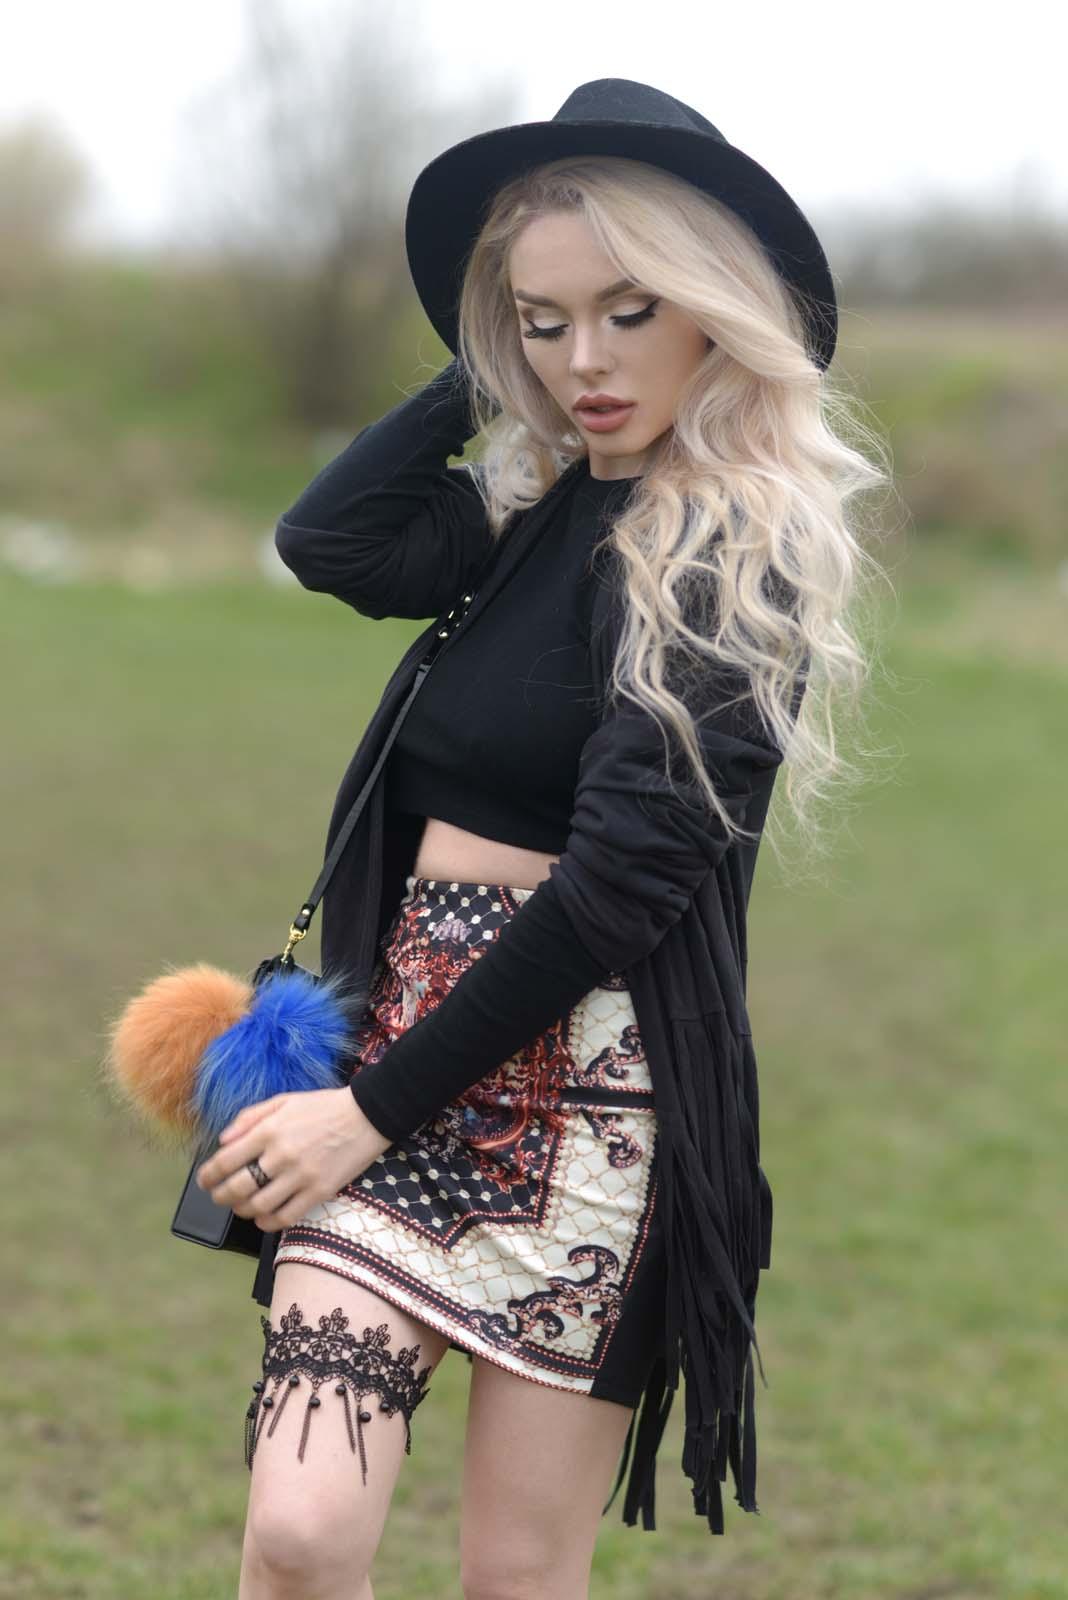 01_vintage_pattern_skirt_black_hat_pompon